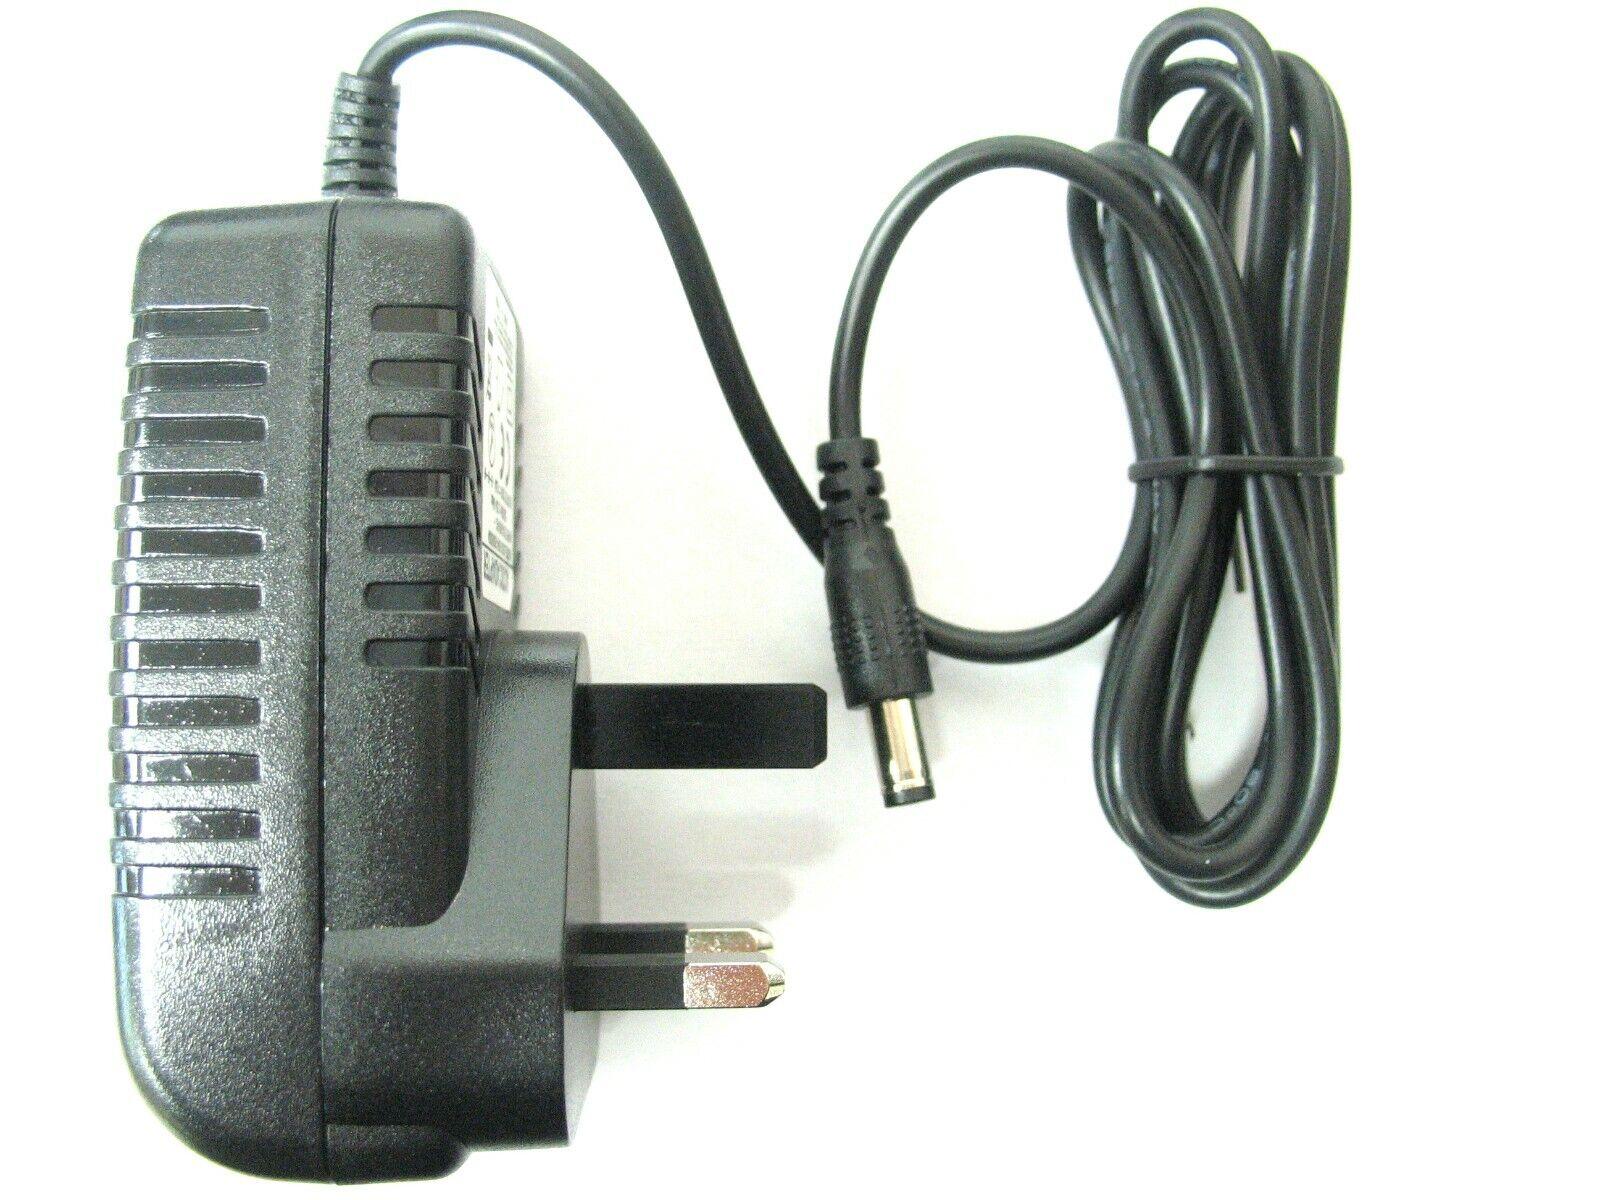 0.5 Amp 28 Volt AC-DC Mains Regulated Power Adaptor/Supply/Charger (14 Watt)